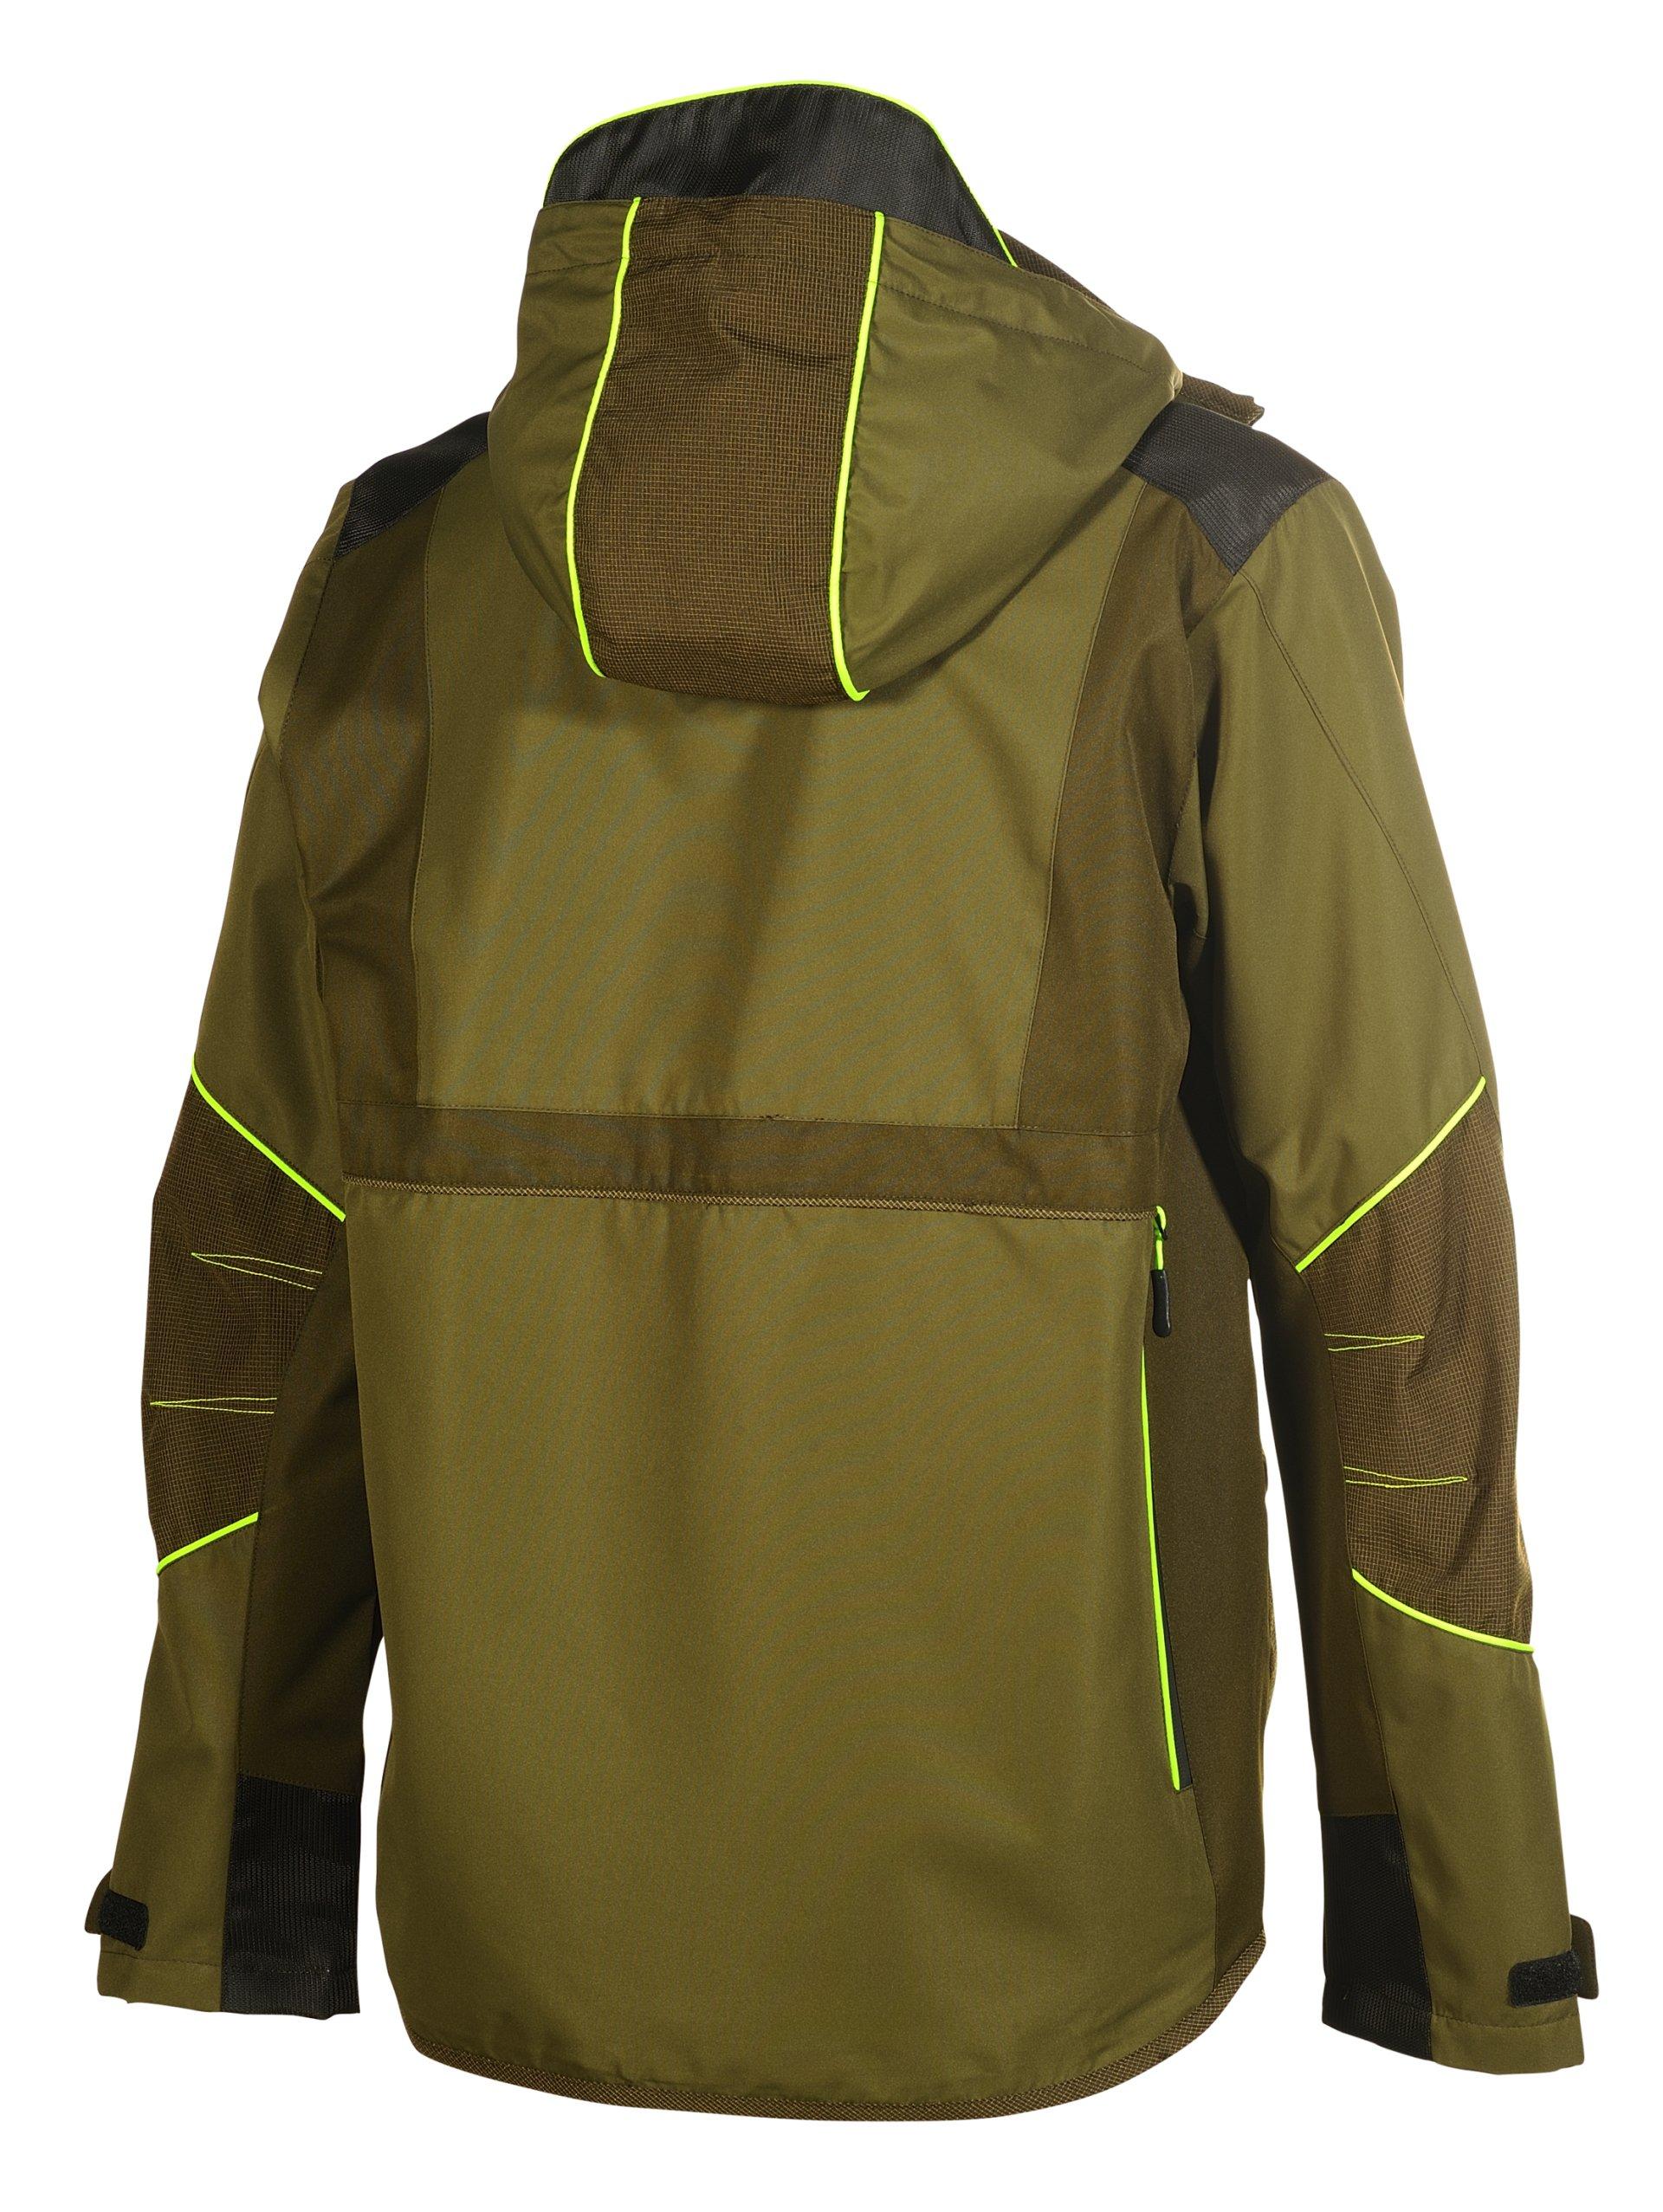 Univers Waterproof Jacket 91024/400